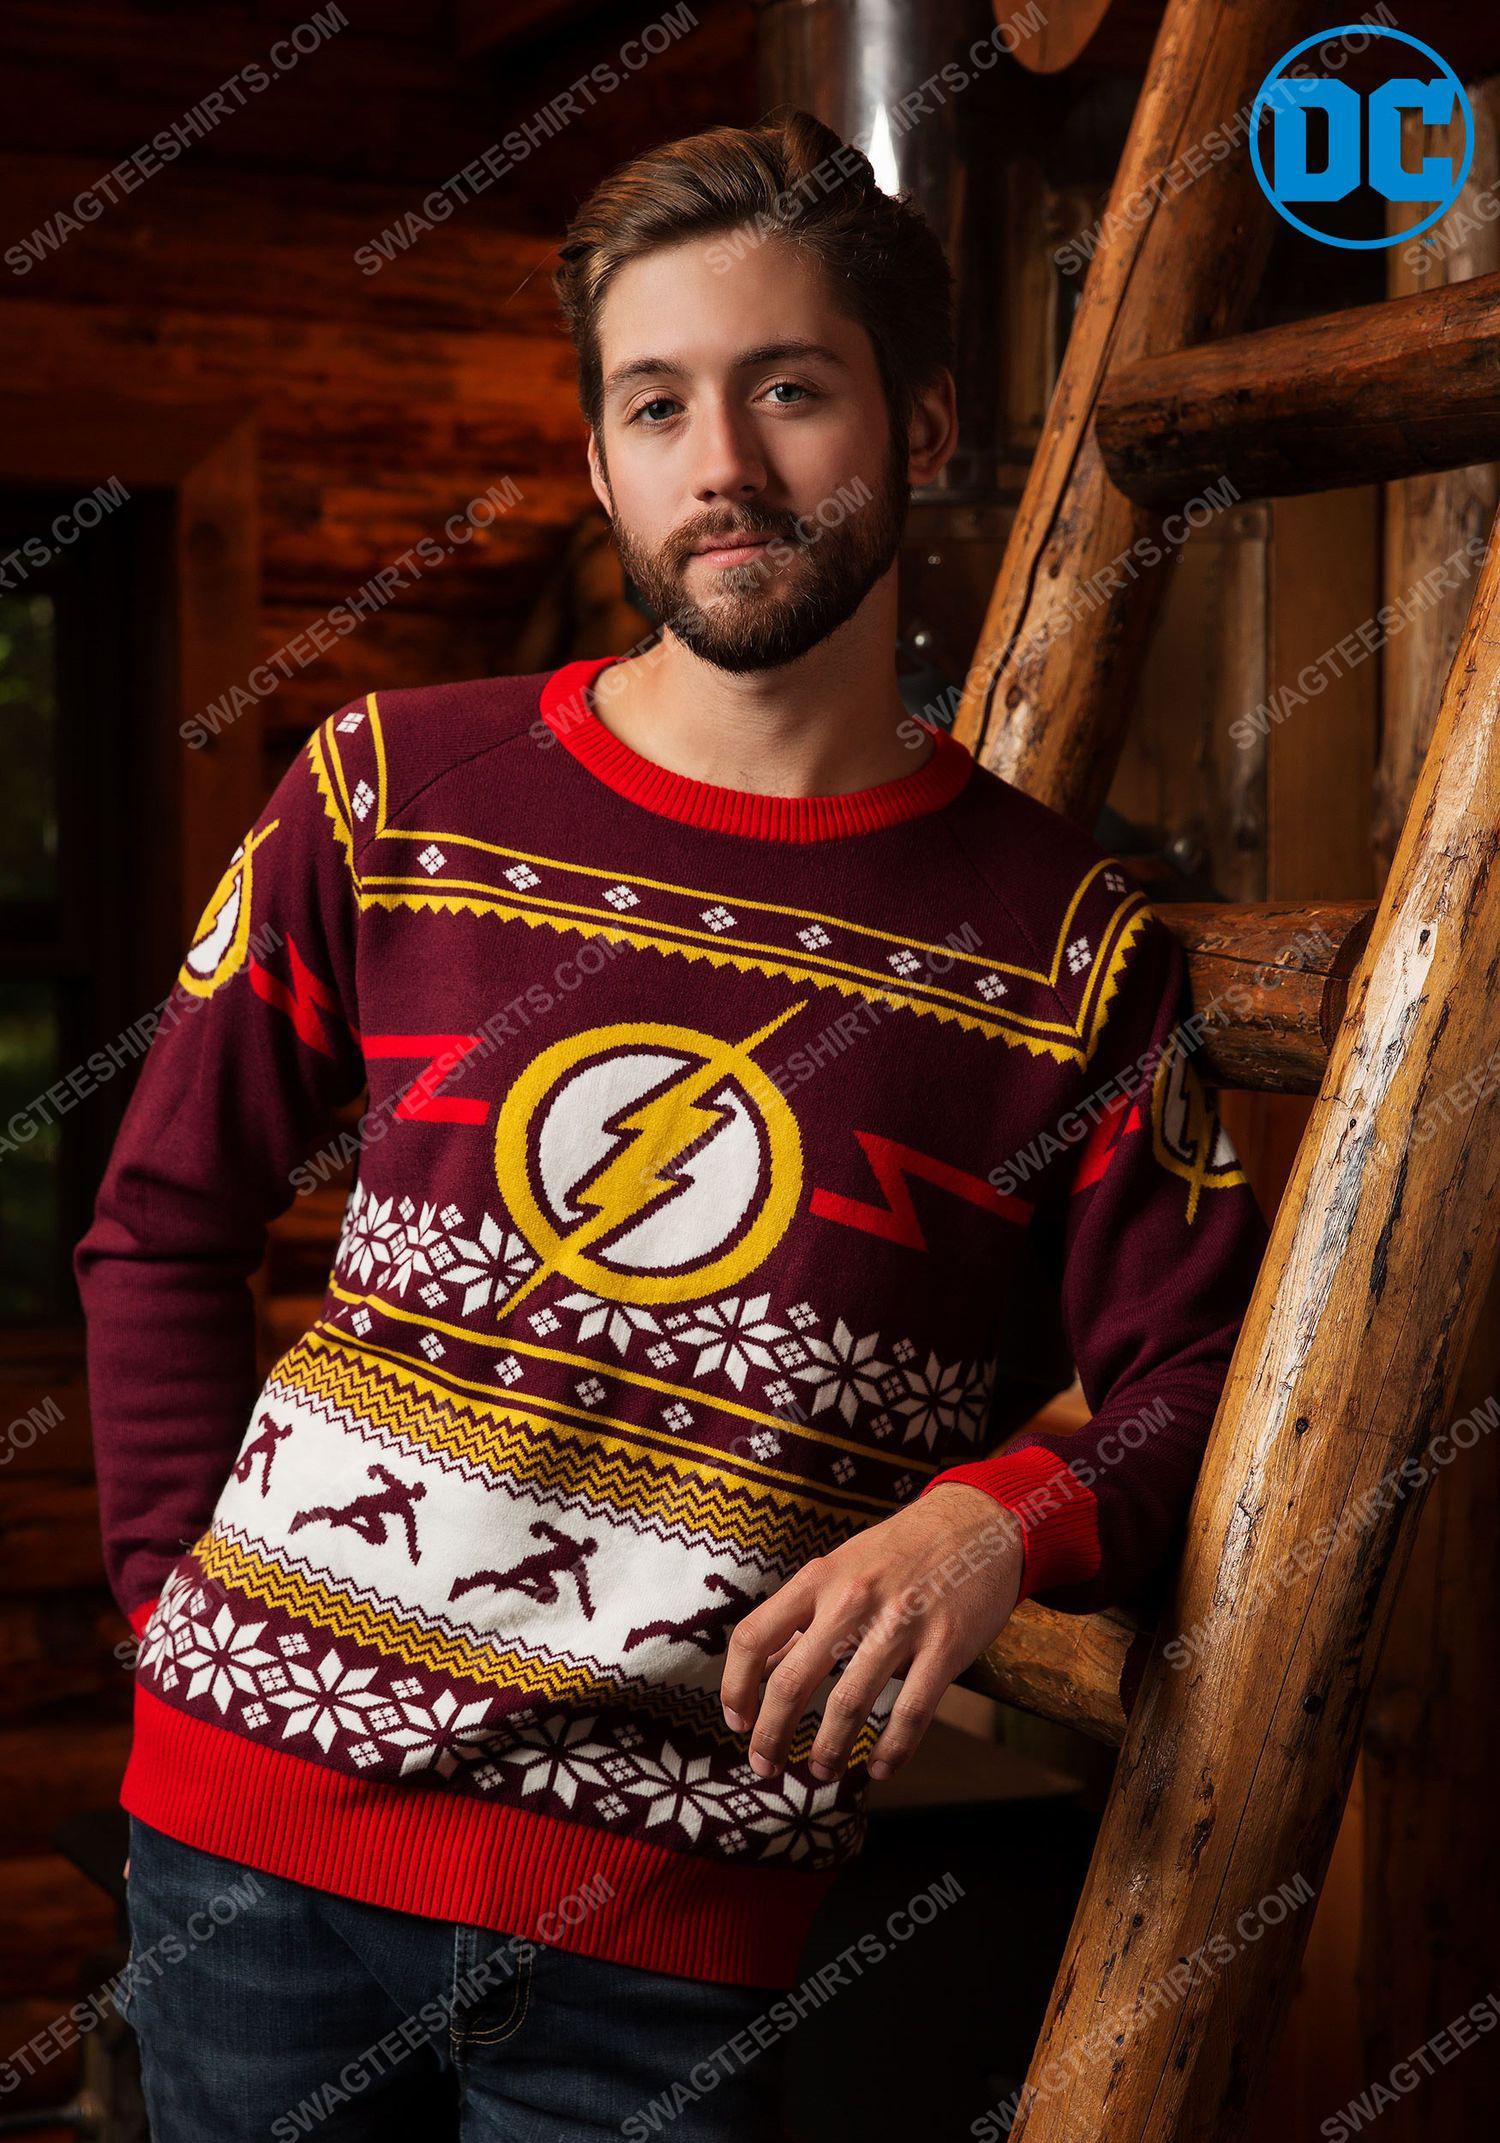 Christmas holiday dc comic the flash full print ugly christmas sweater 2